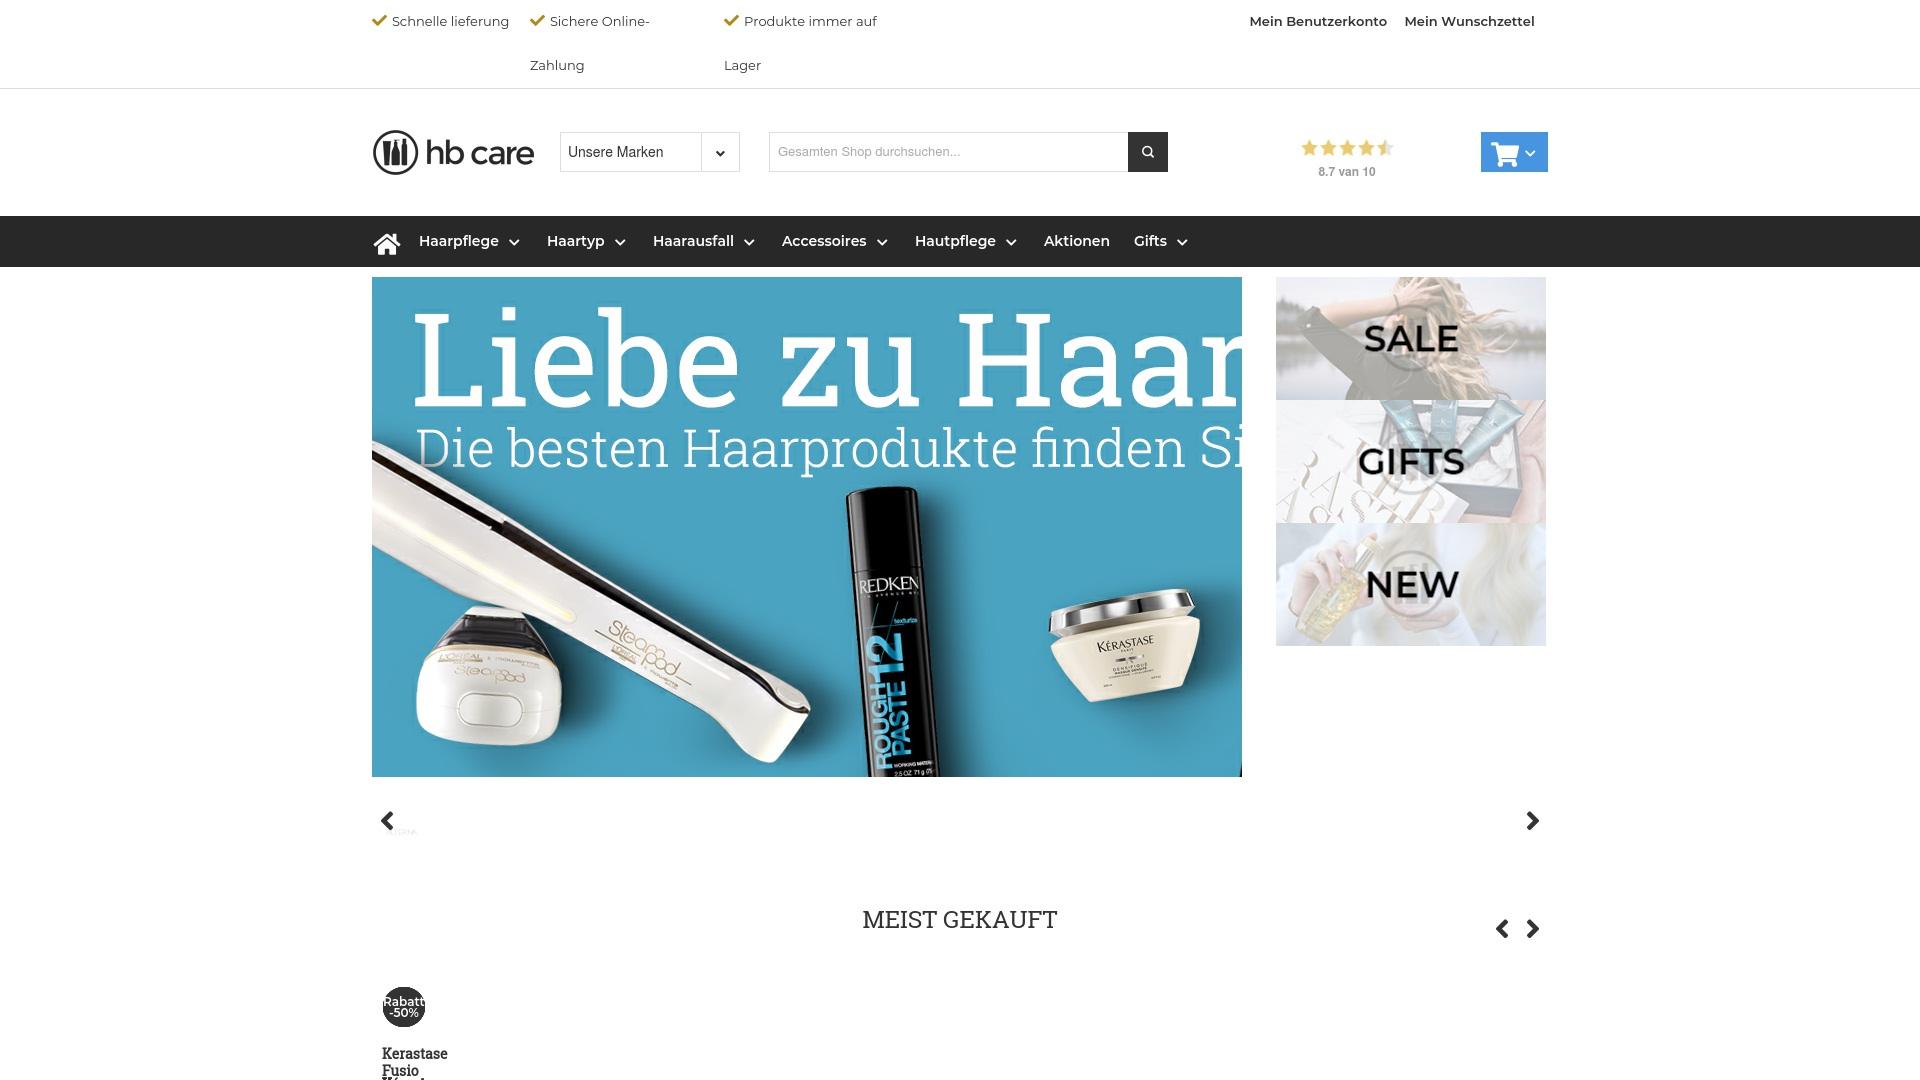 Gutschein für Hbcare: Rabatte für  Hbcare sichern